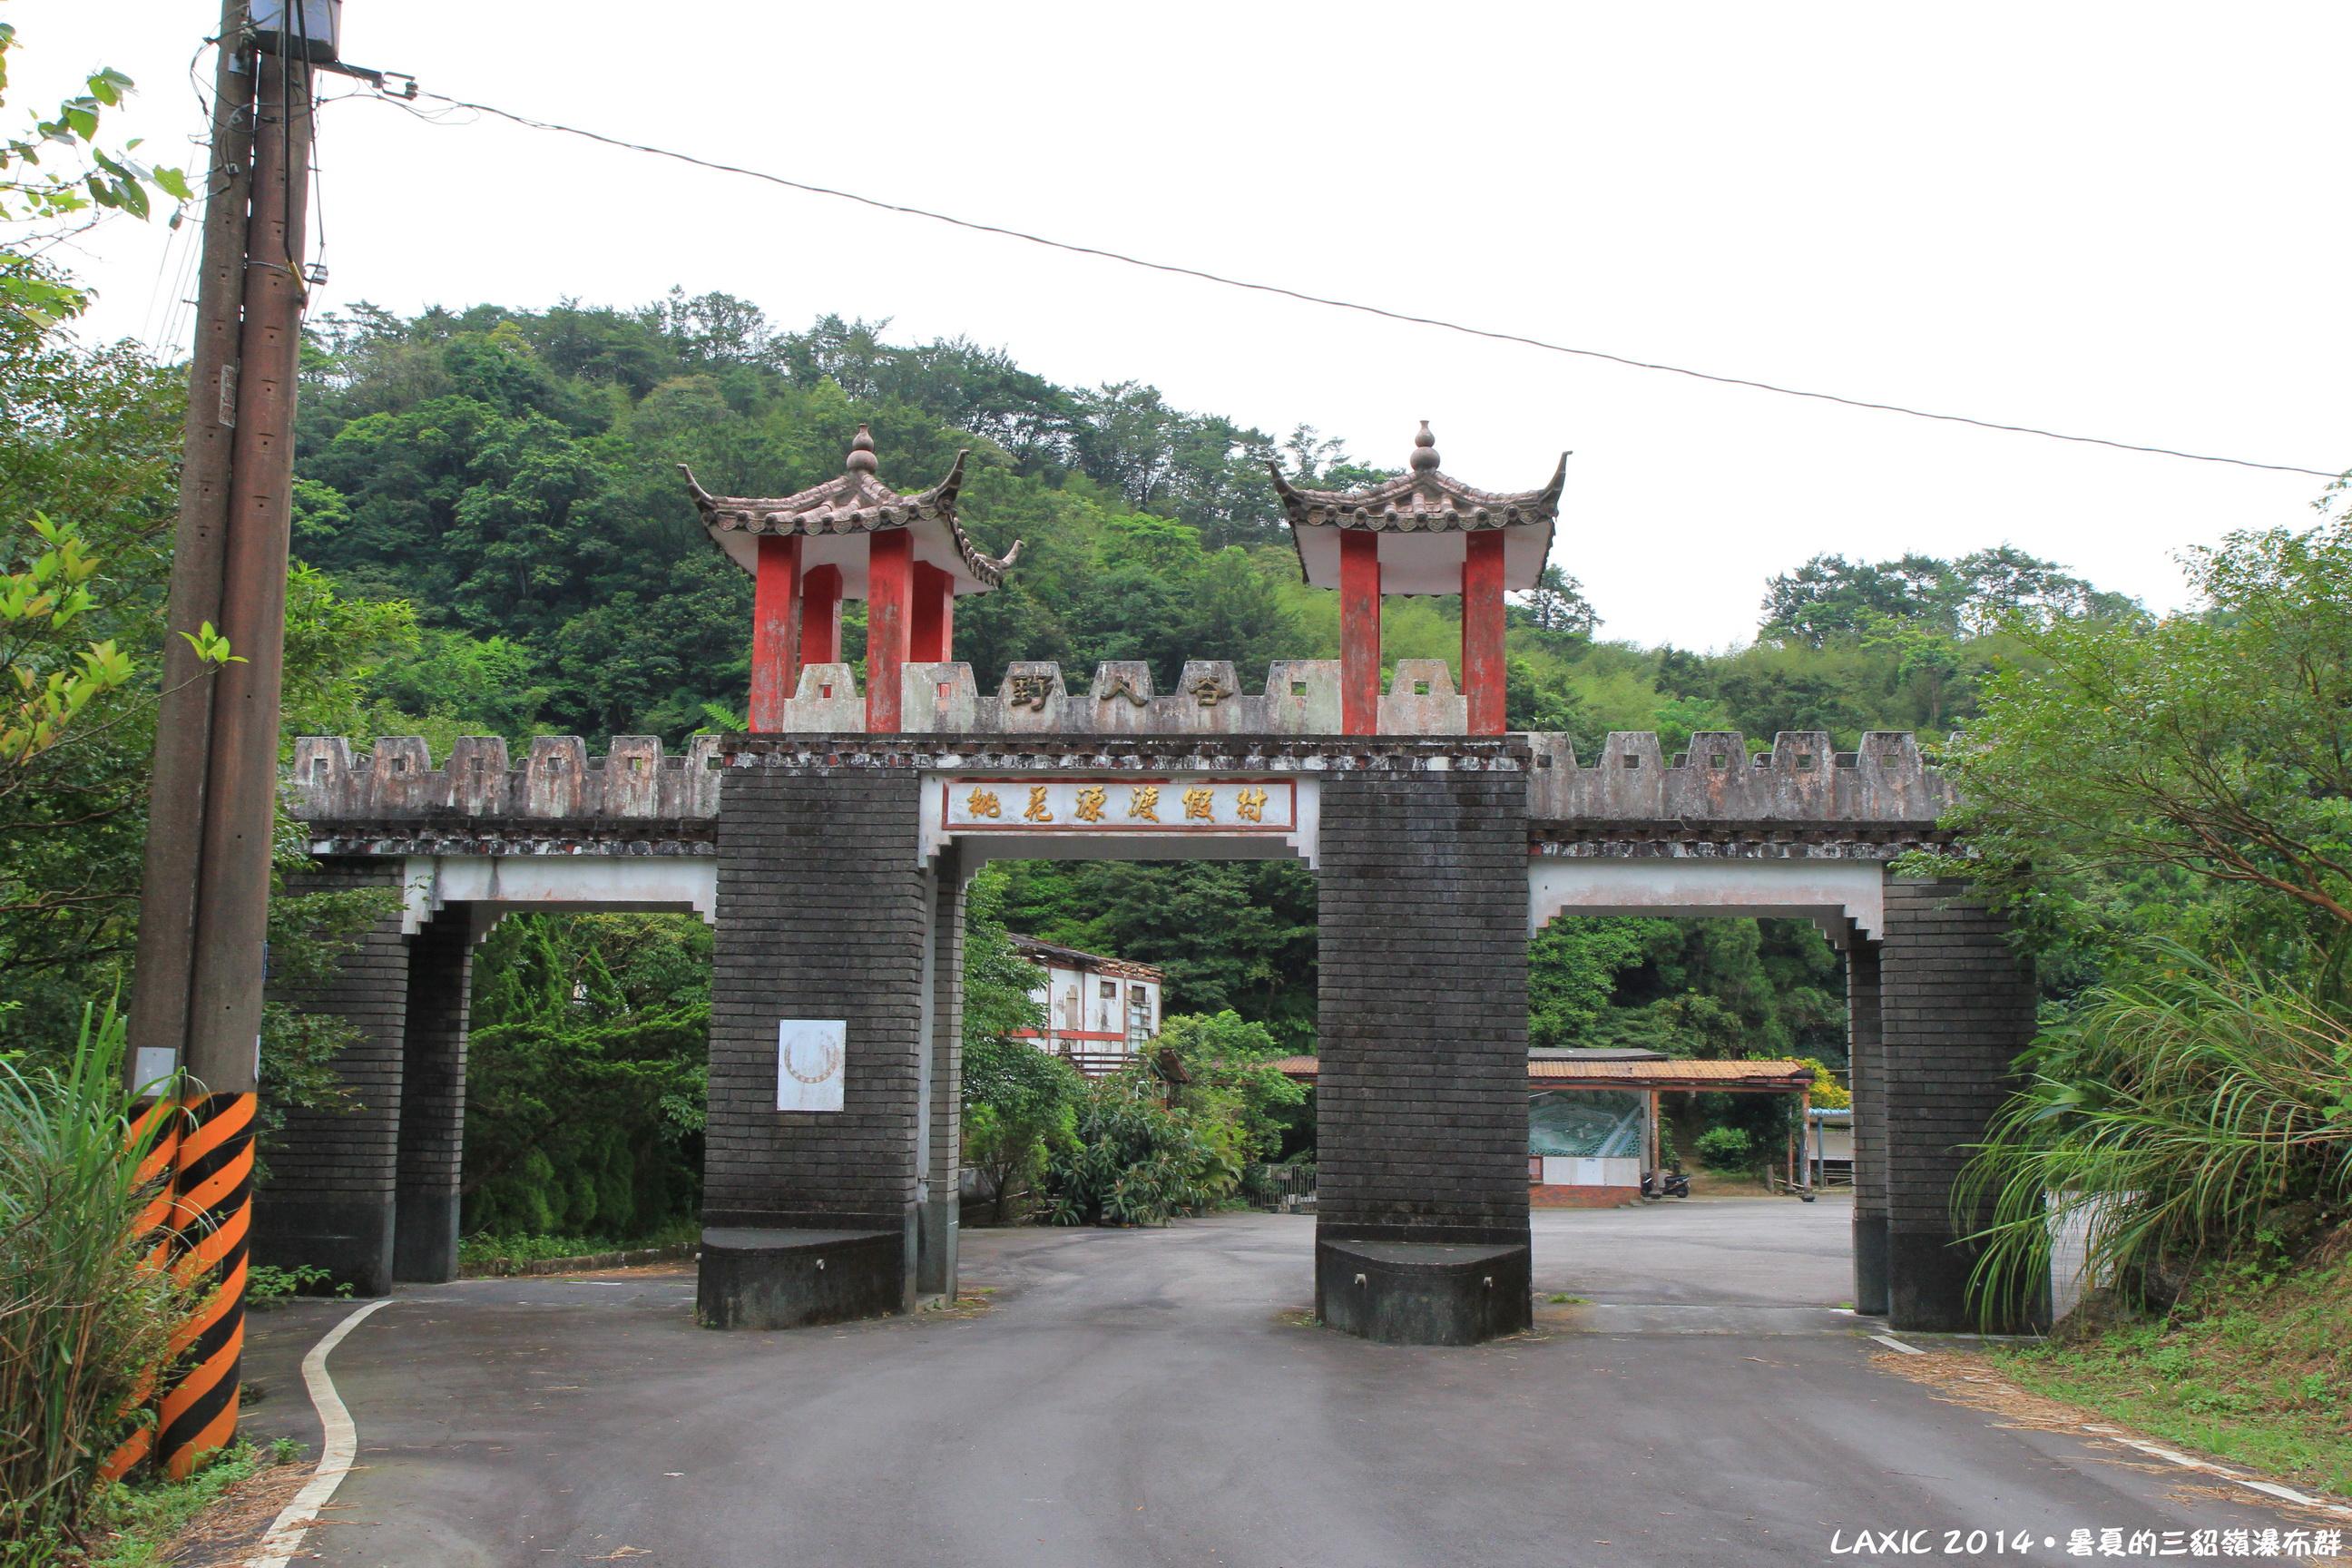 2014.08 三貂嶺瀑布群